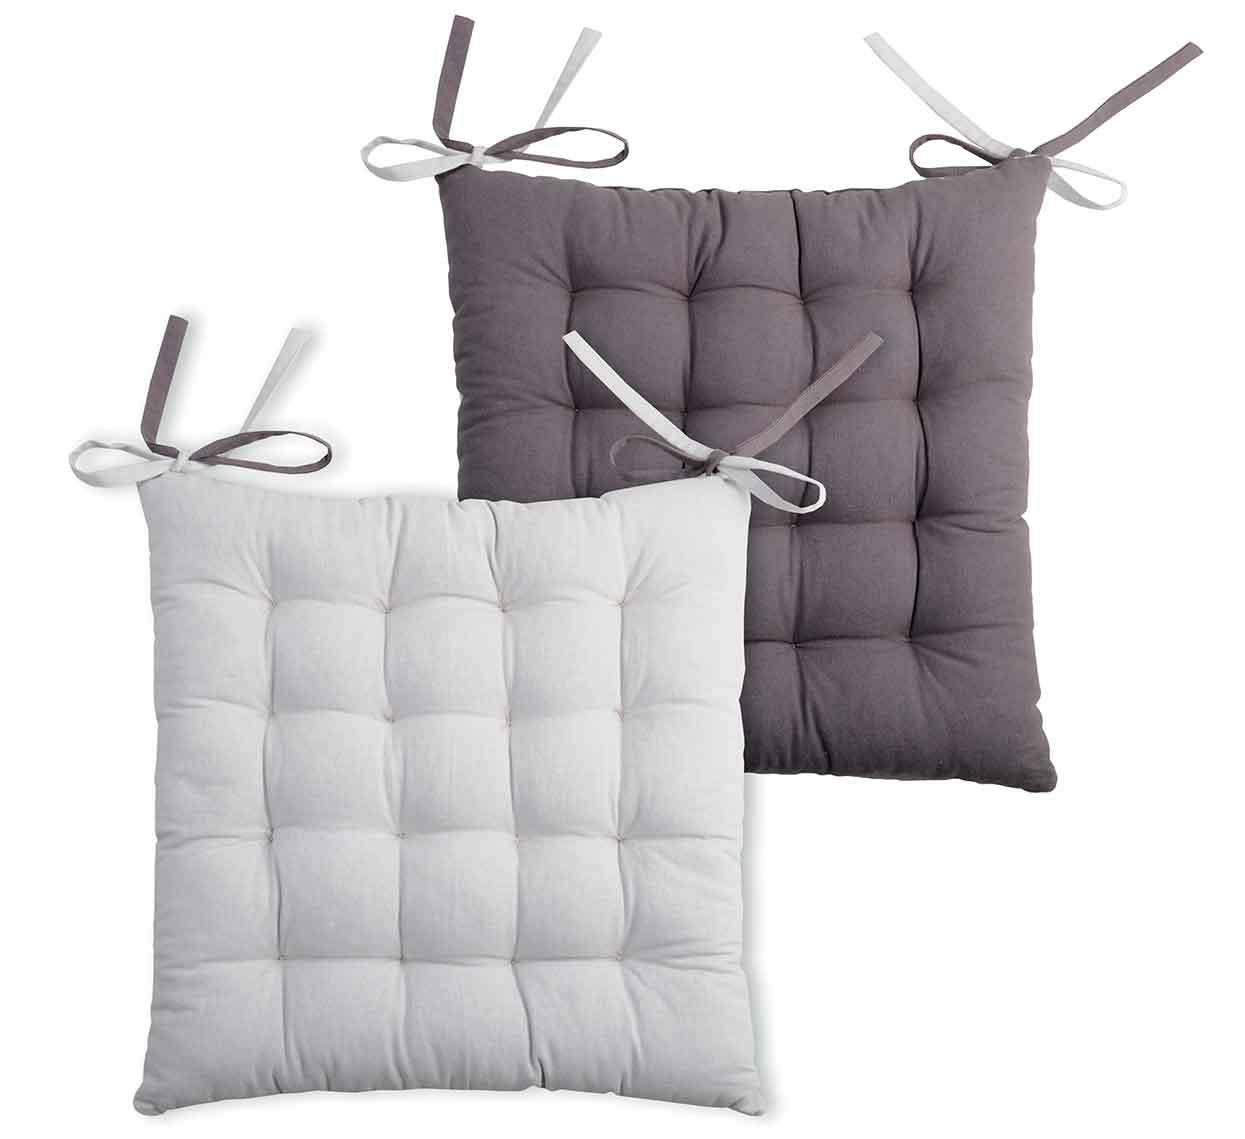 Galette de chaise bicolore coton gris/perle 40x40